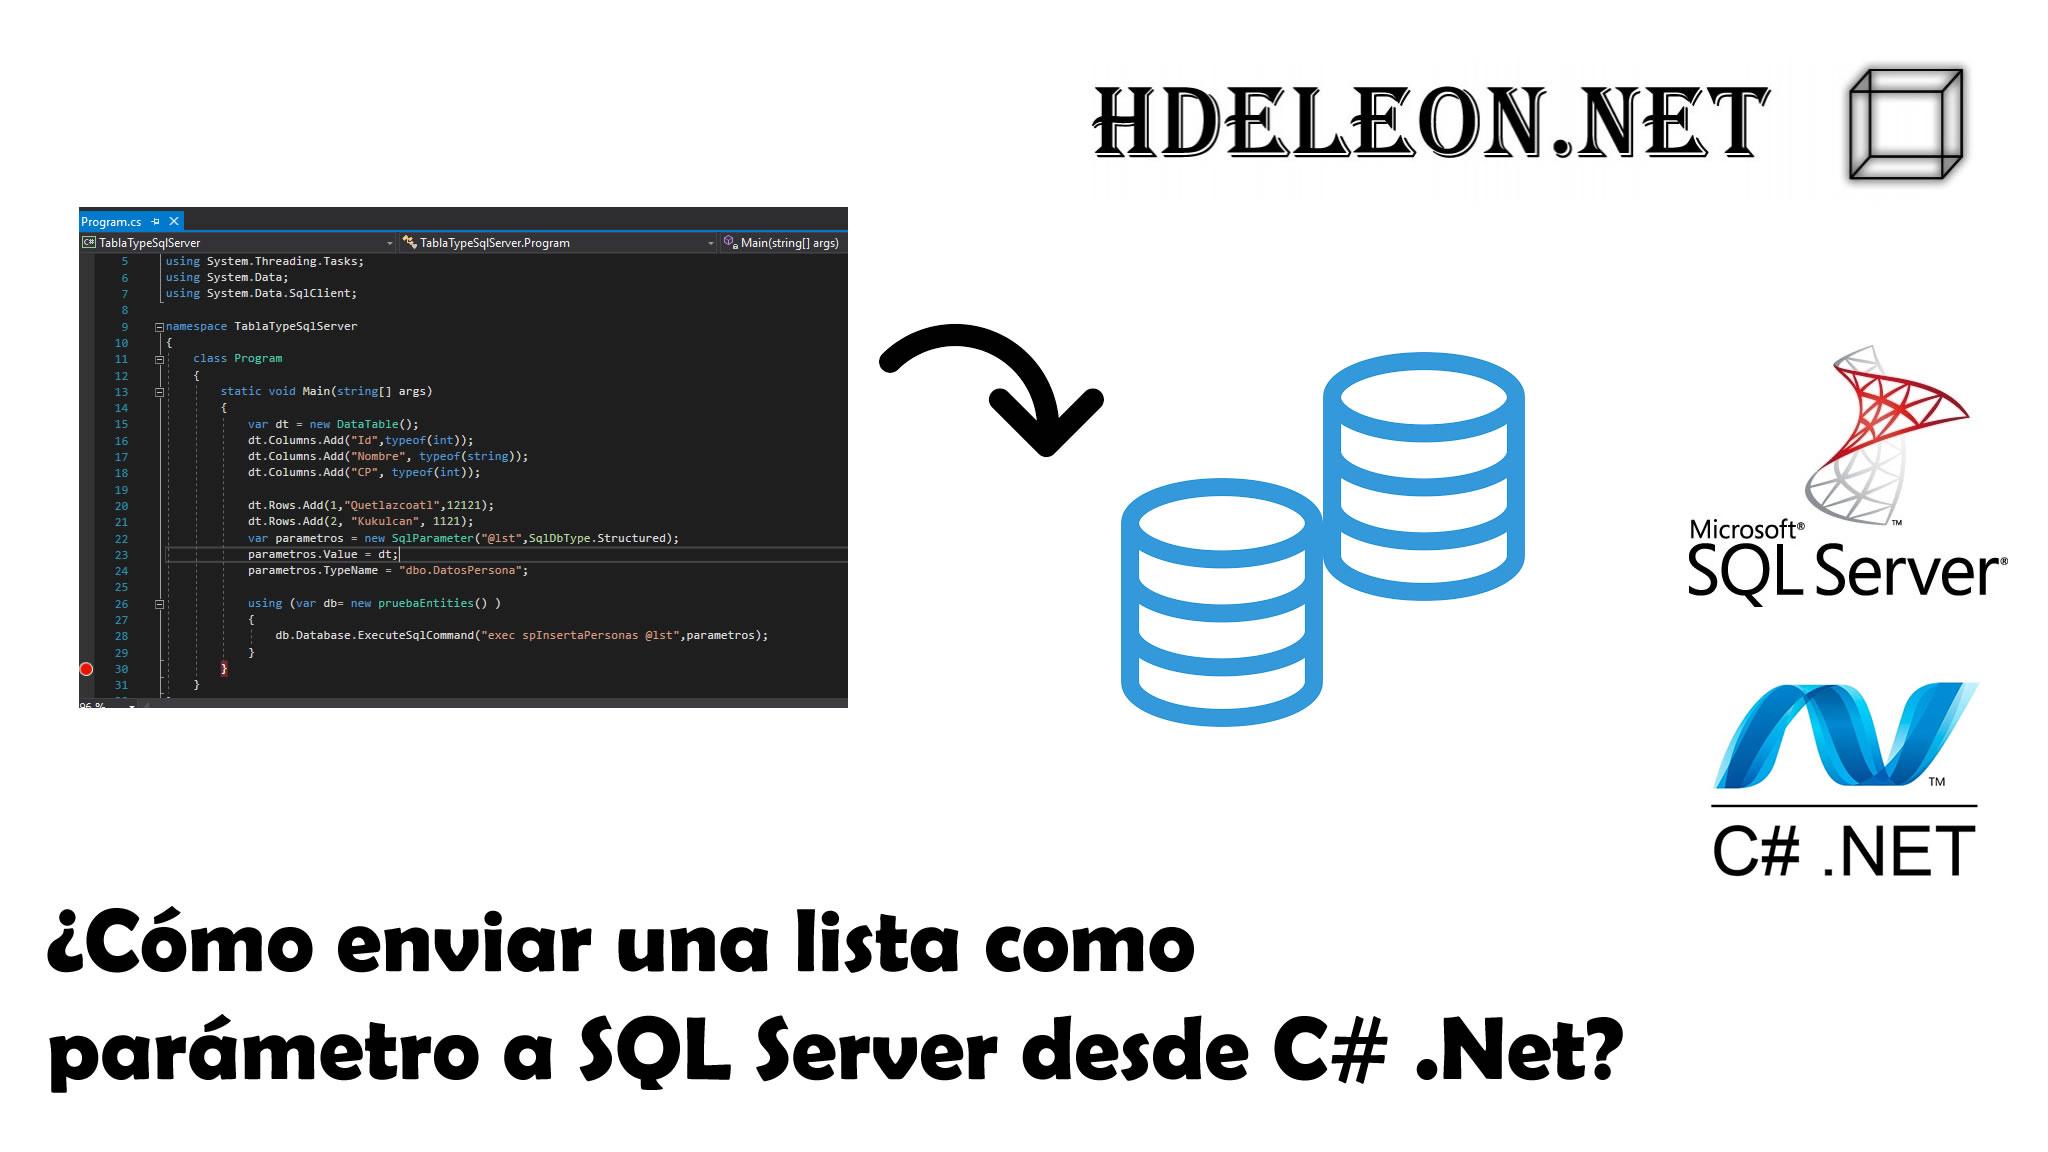 ¿Cómo enviar una lista como parámetro a SQL Server desde C# .Net?, Entity Framework